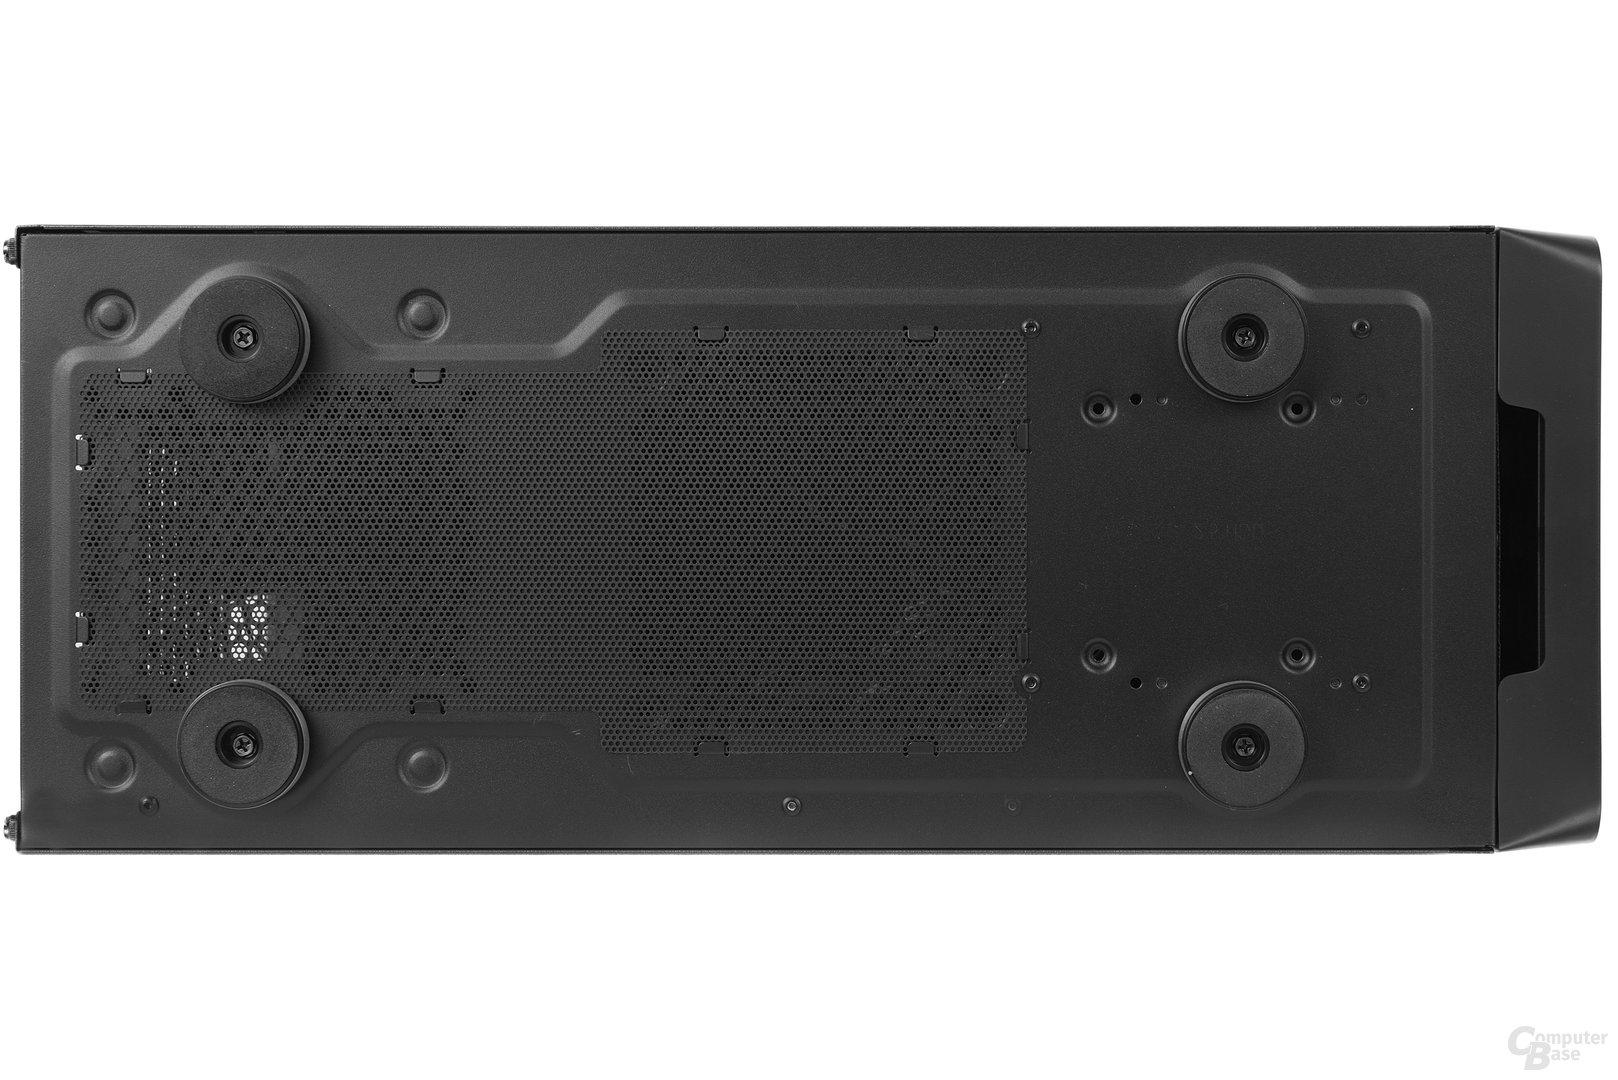 Cooltek Antiphon Airflow - Untersicht